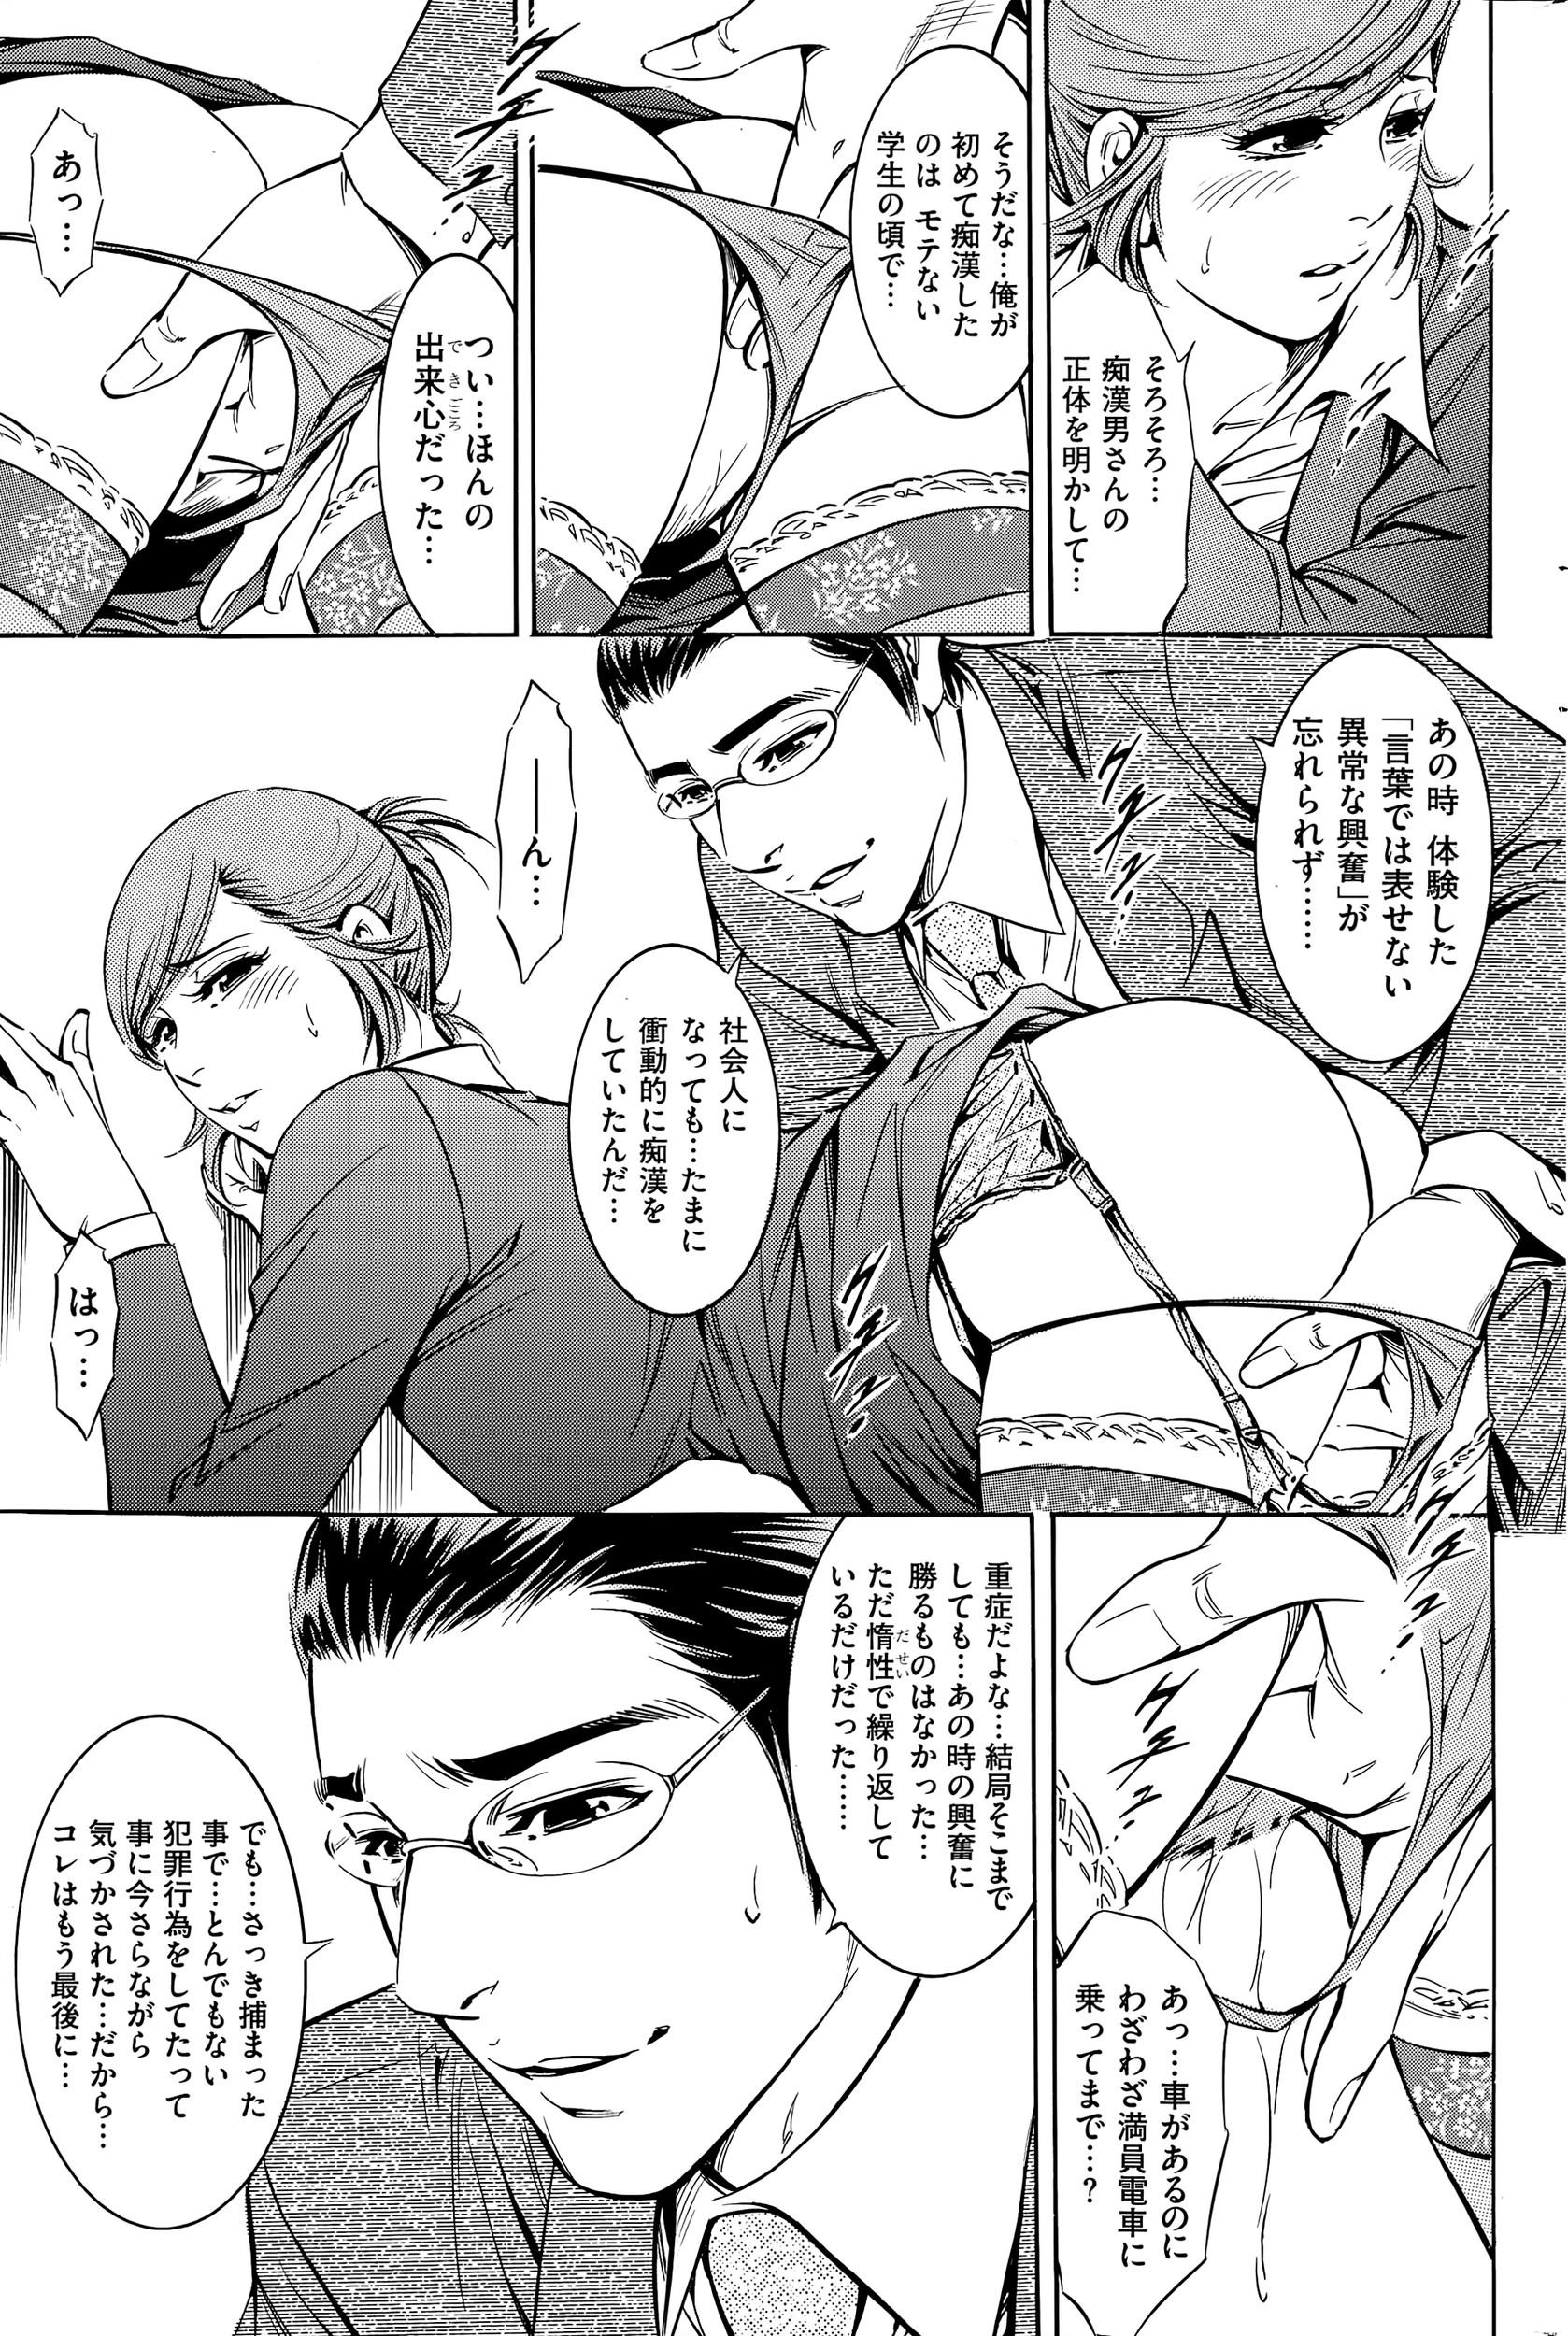 【エロ漫画・エロ同人】痴漢されたくてしょうがない巨乳OLwww (11)